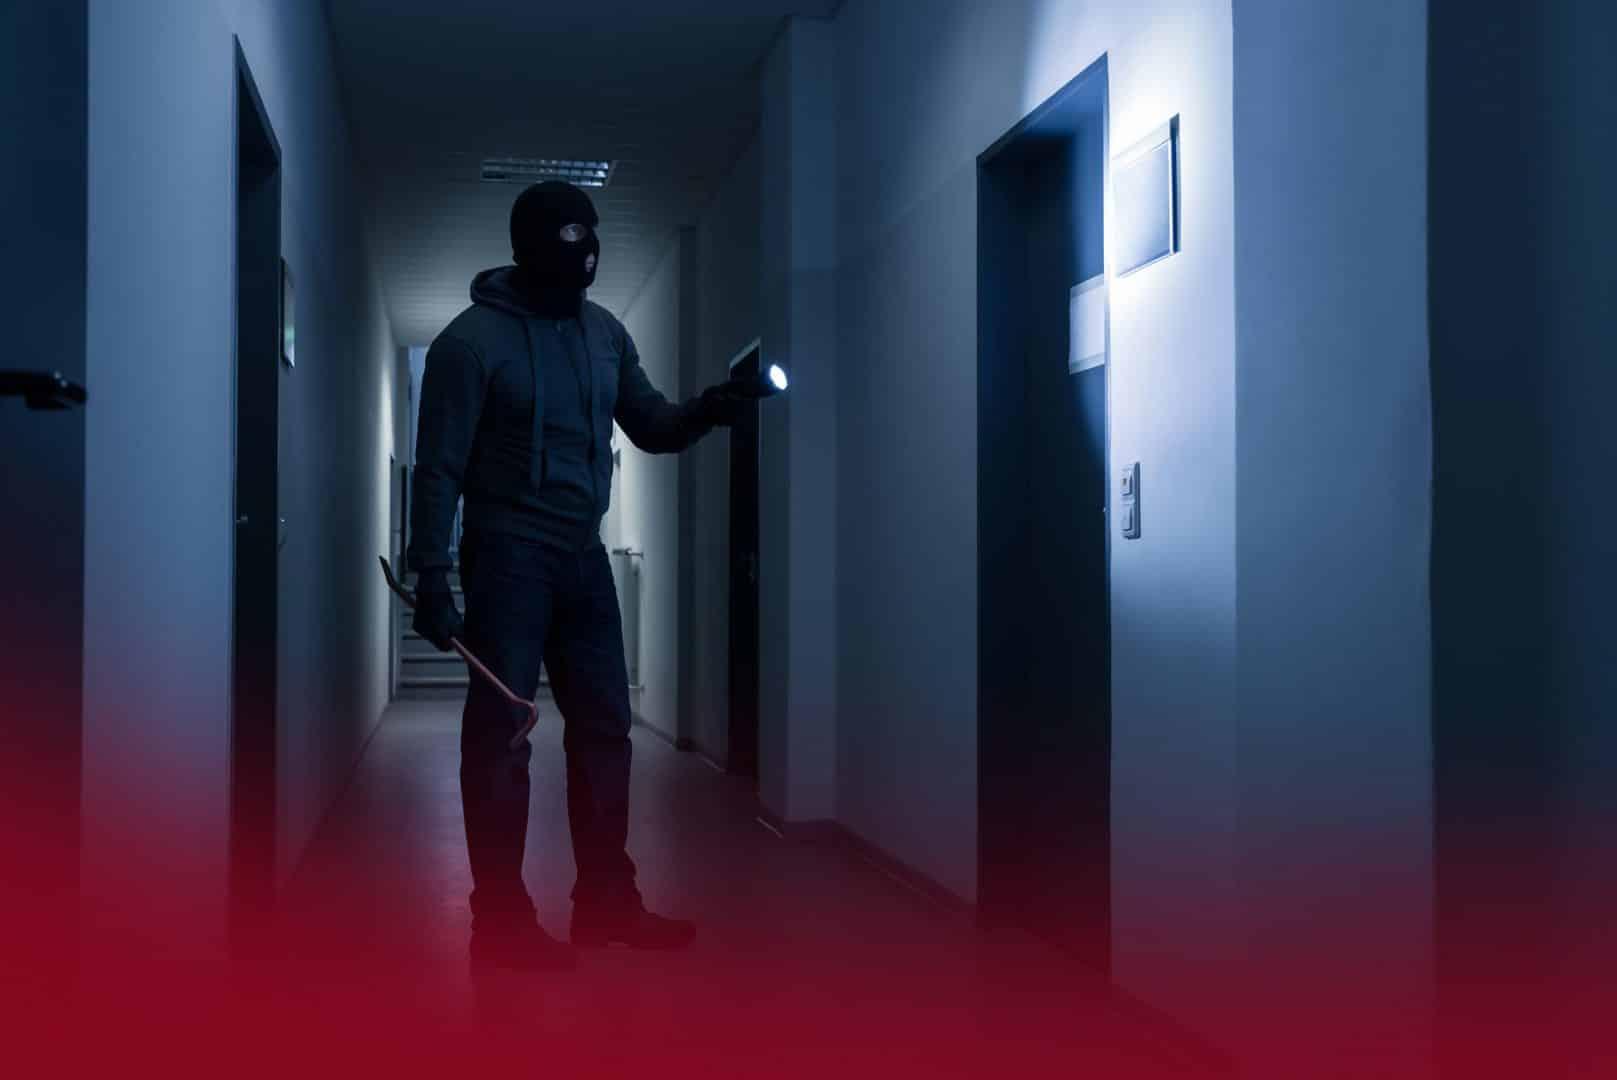 Echec d'intrusion en raison de la présence d'une alarme